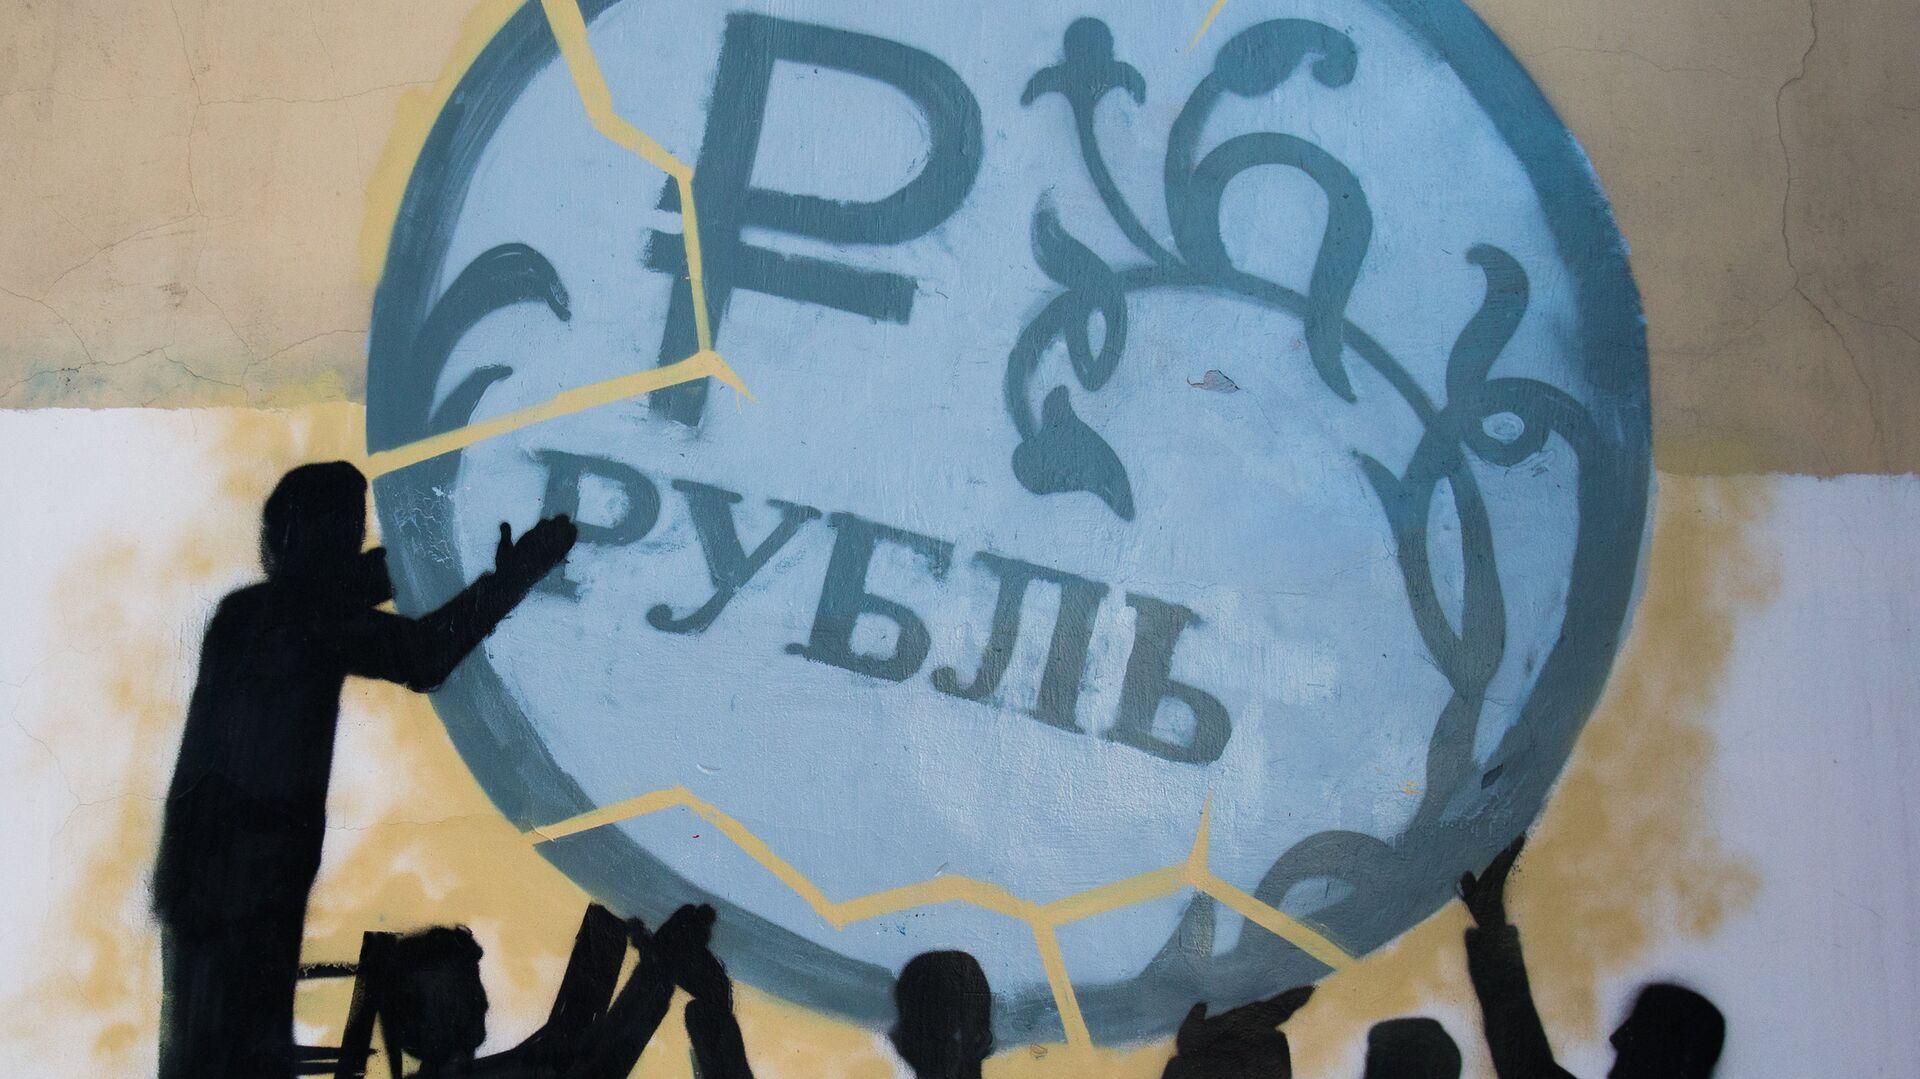 Граффити в поддержку рубля на стене дома № 42 по улице Боровой в Санкт-Петербурге - РИА Новости, 1920, 18.09.2020